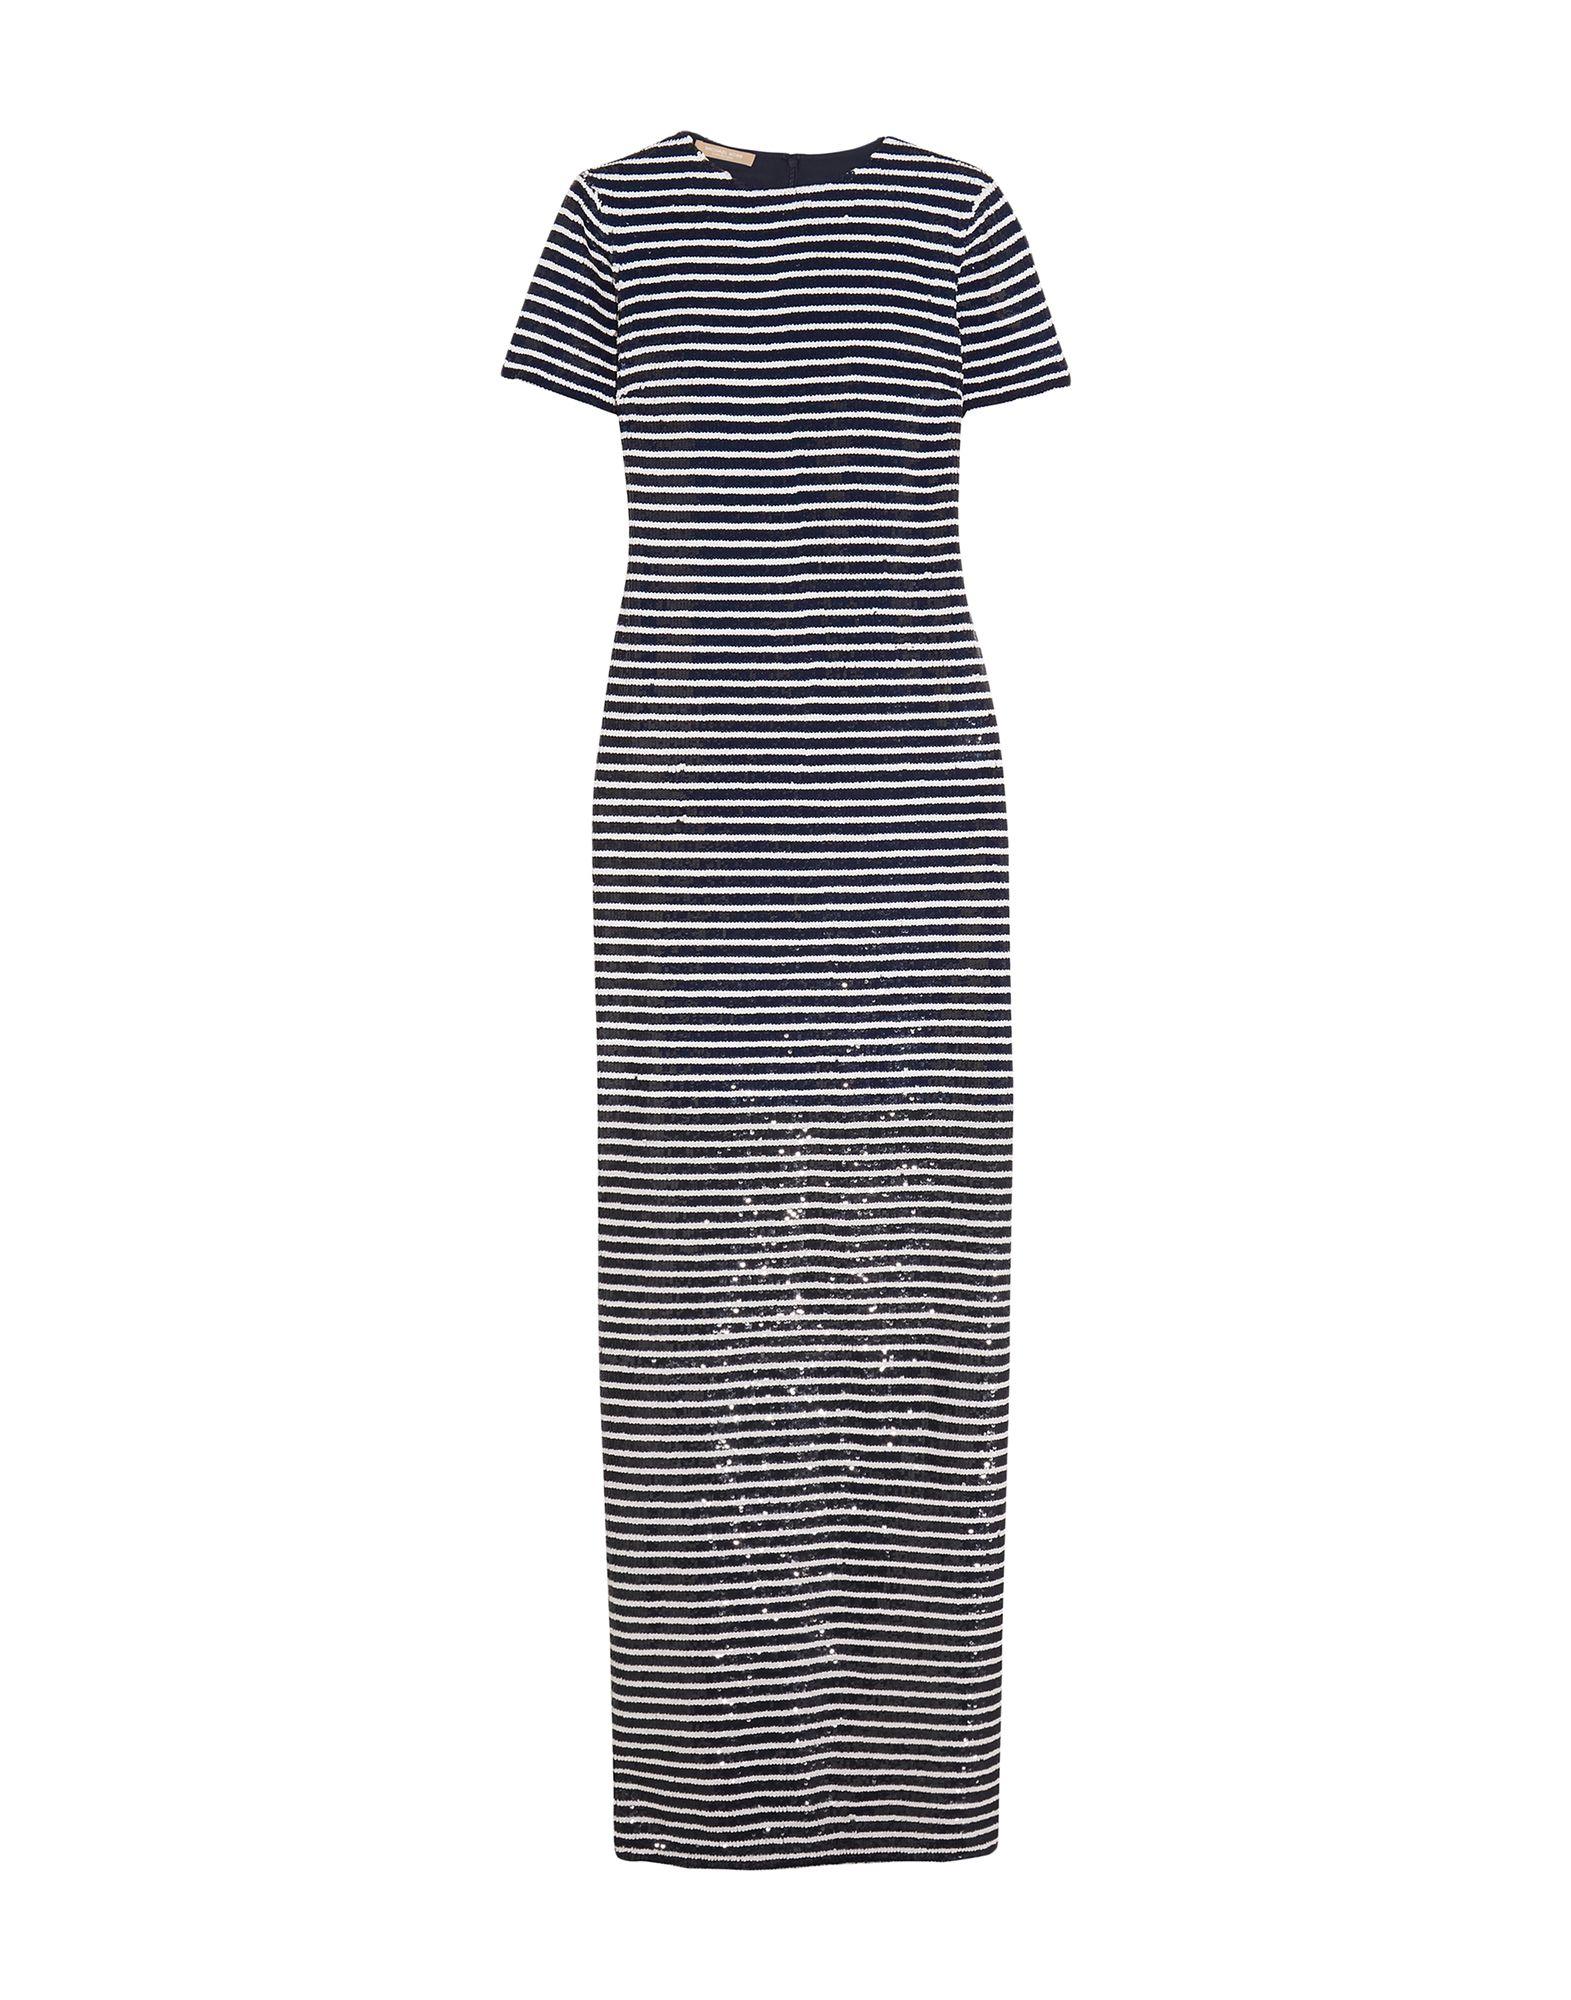 《送料無料》MICHAEL KORS COLLECTION レディース ロングワンピース&ドレス ダークブルー 2 シルク 100%